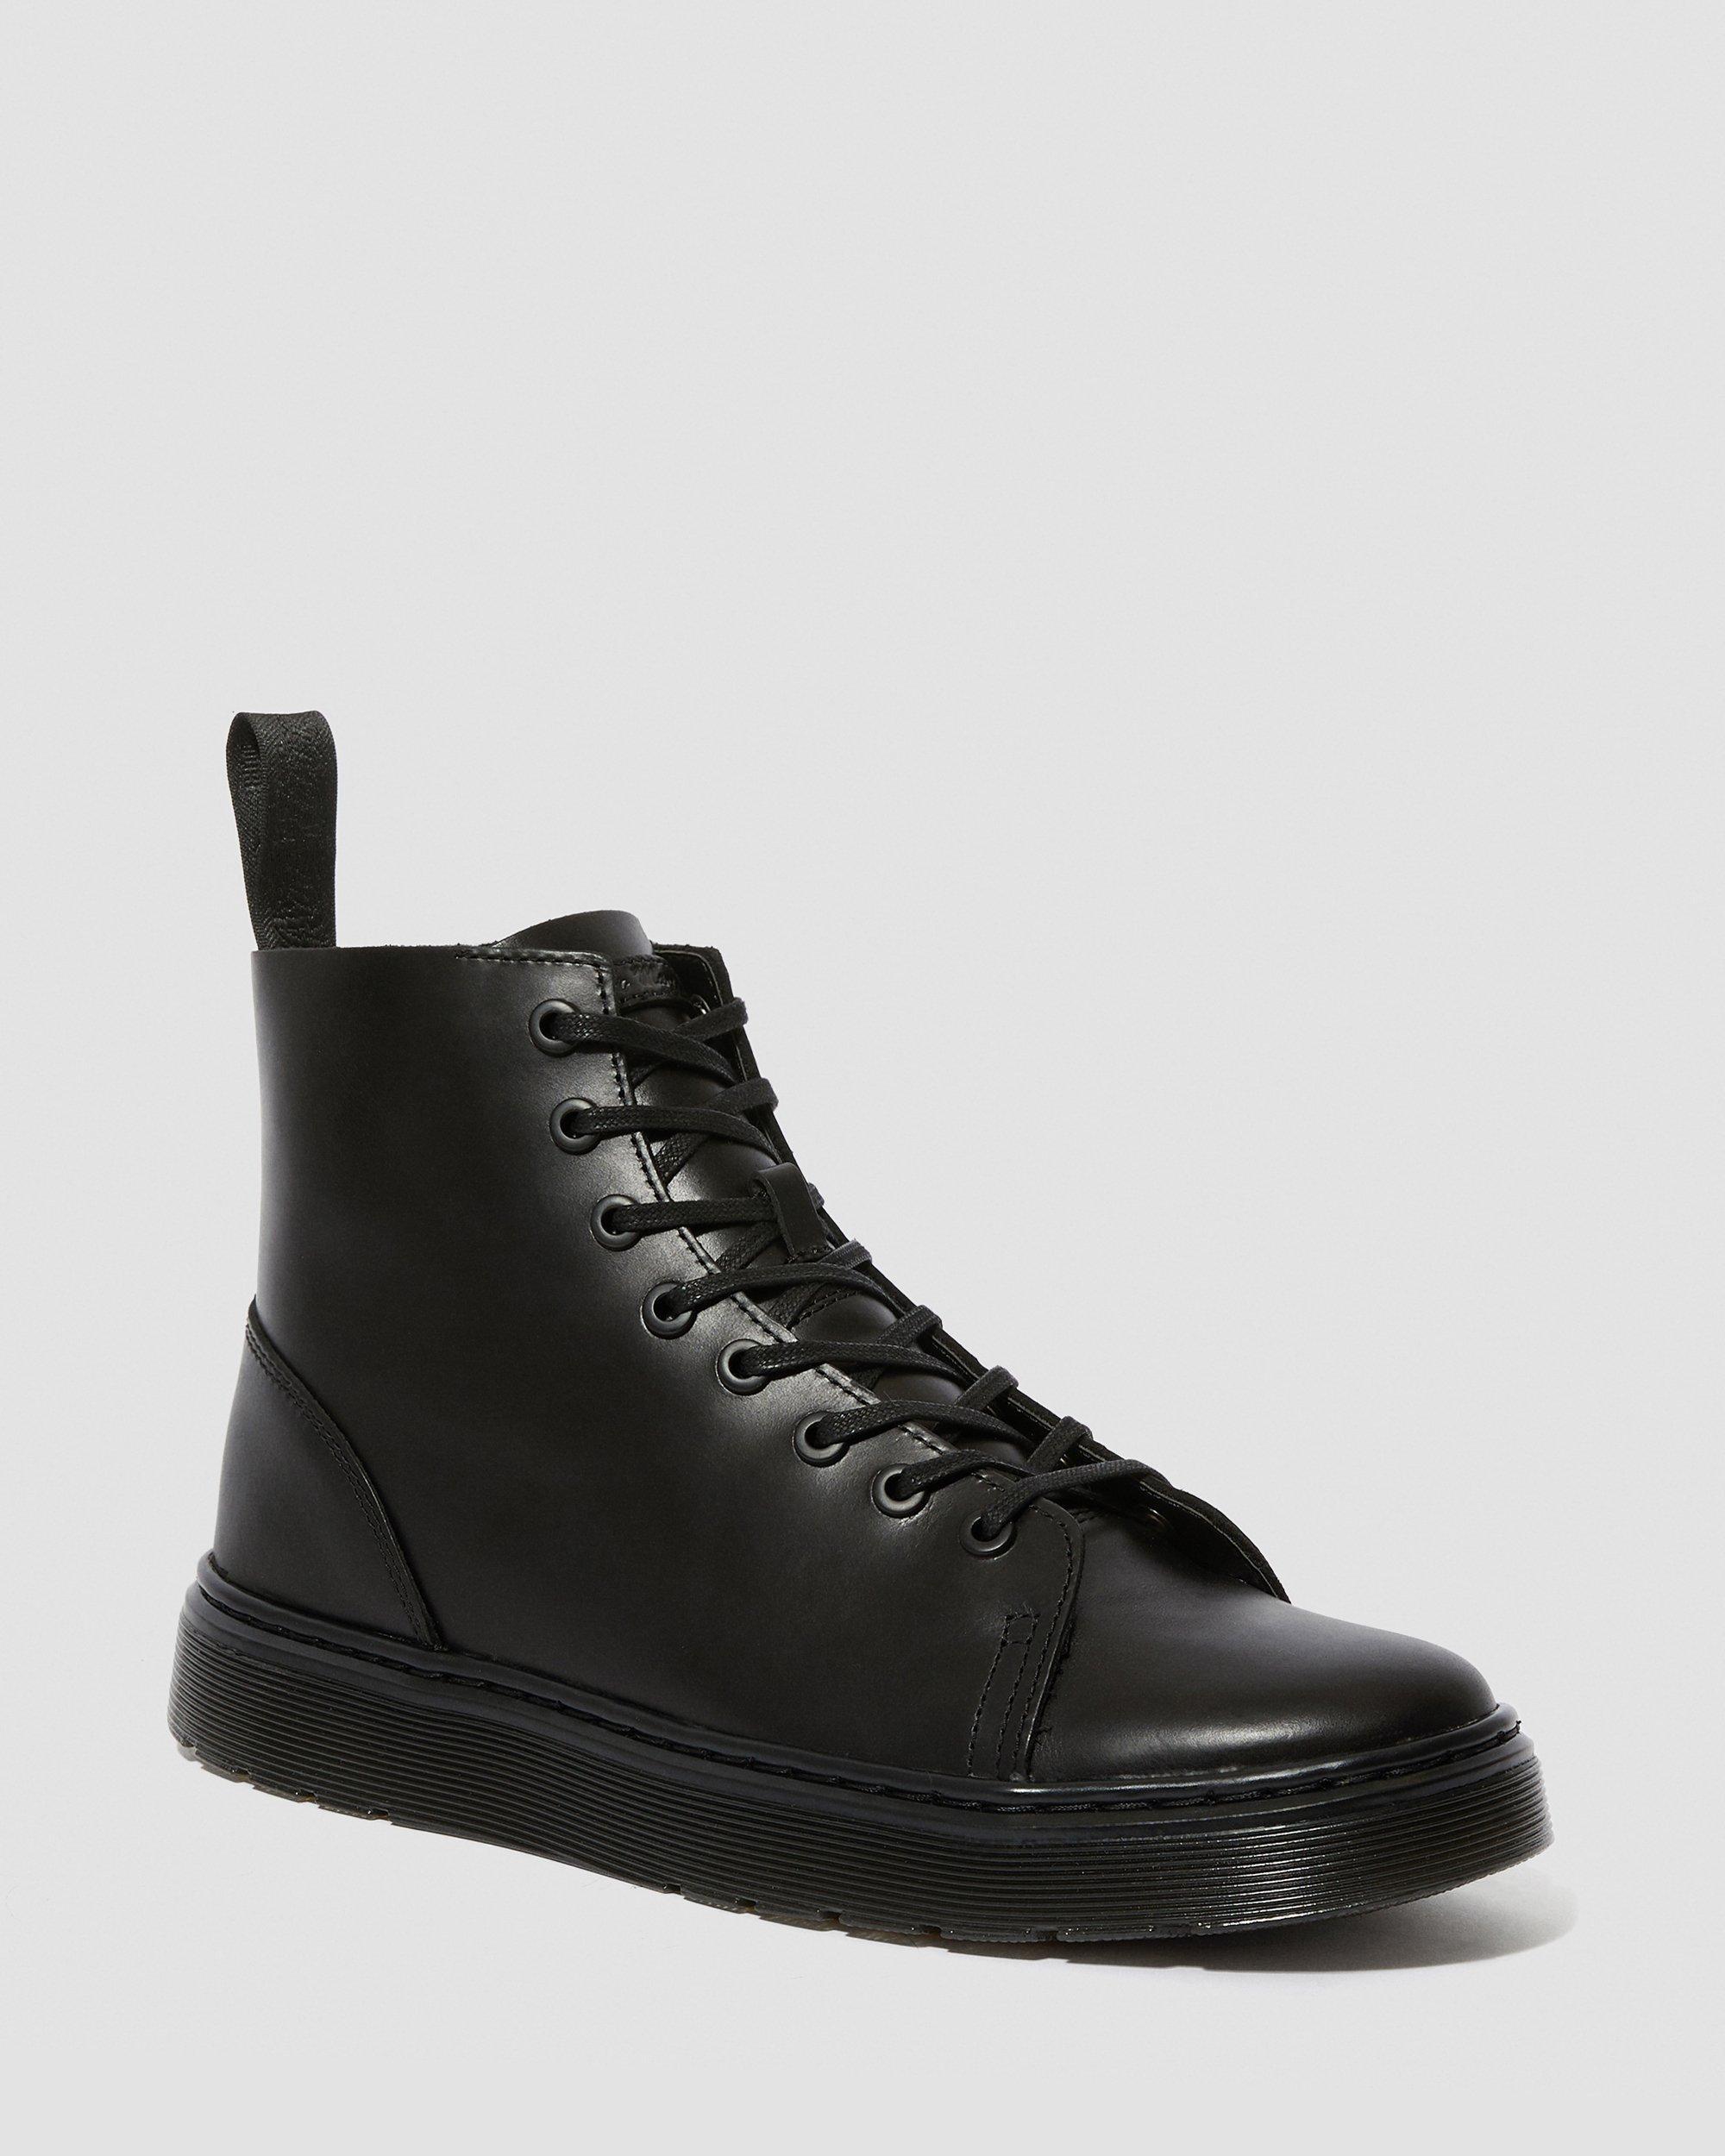 Dr. Martens White Talib Boots men,doc martens sandals sale